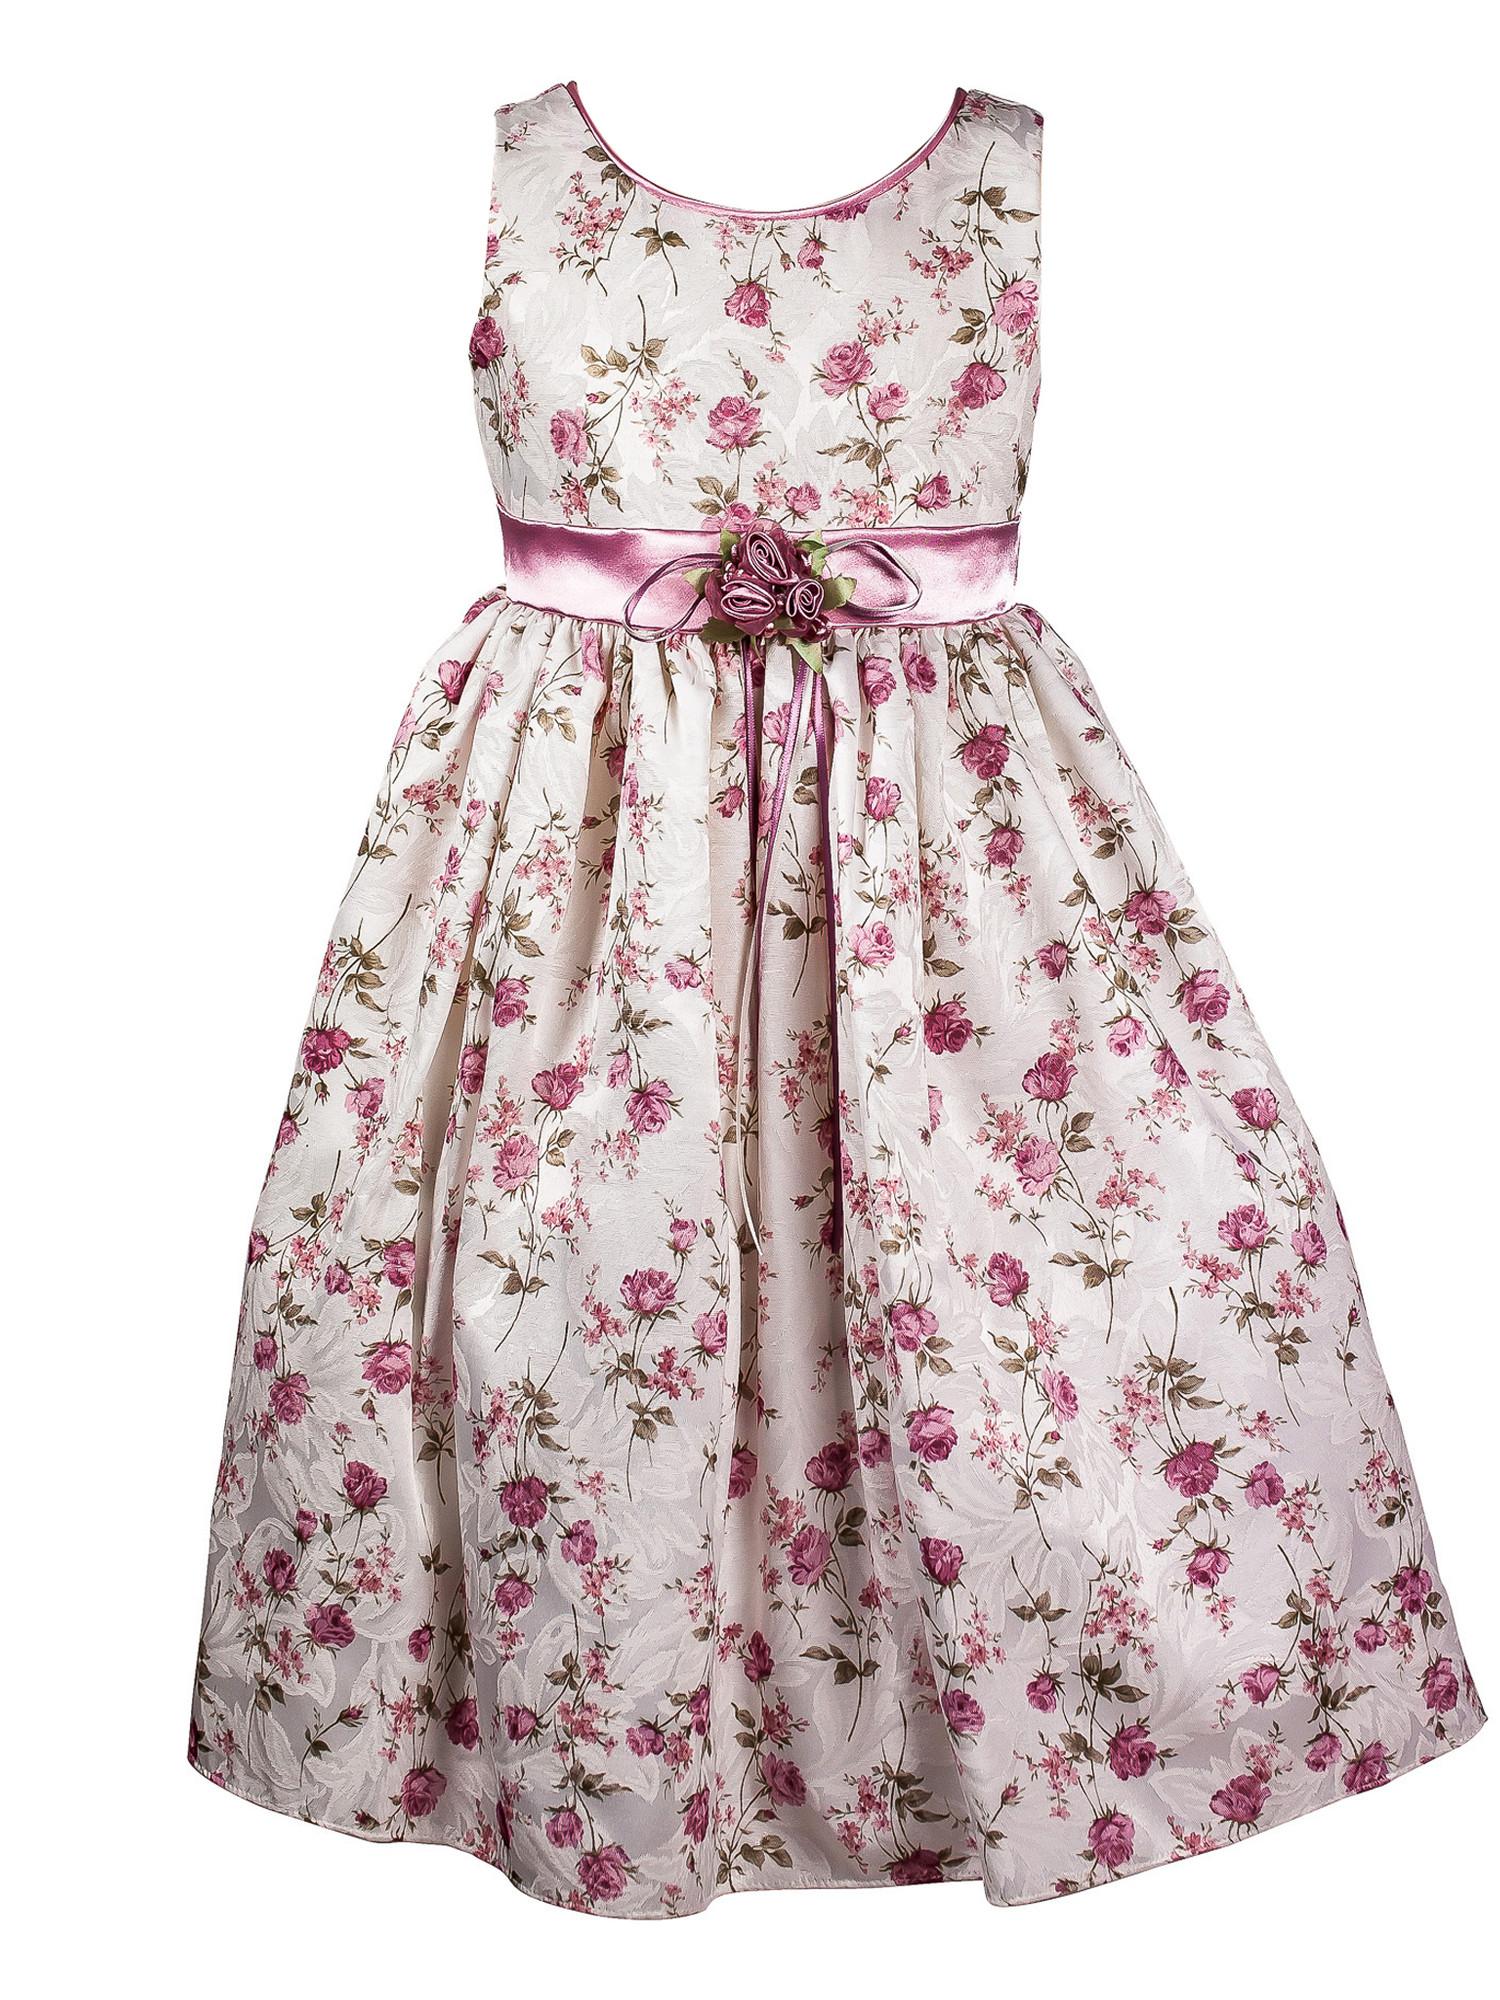 BIMARO Mädchen Kleid Sophie creme beige rosa geblümt festlich Baumwollmischung Schulanfang Hochzeit Blumenmädchen 001